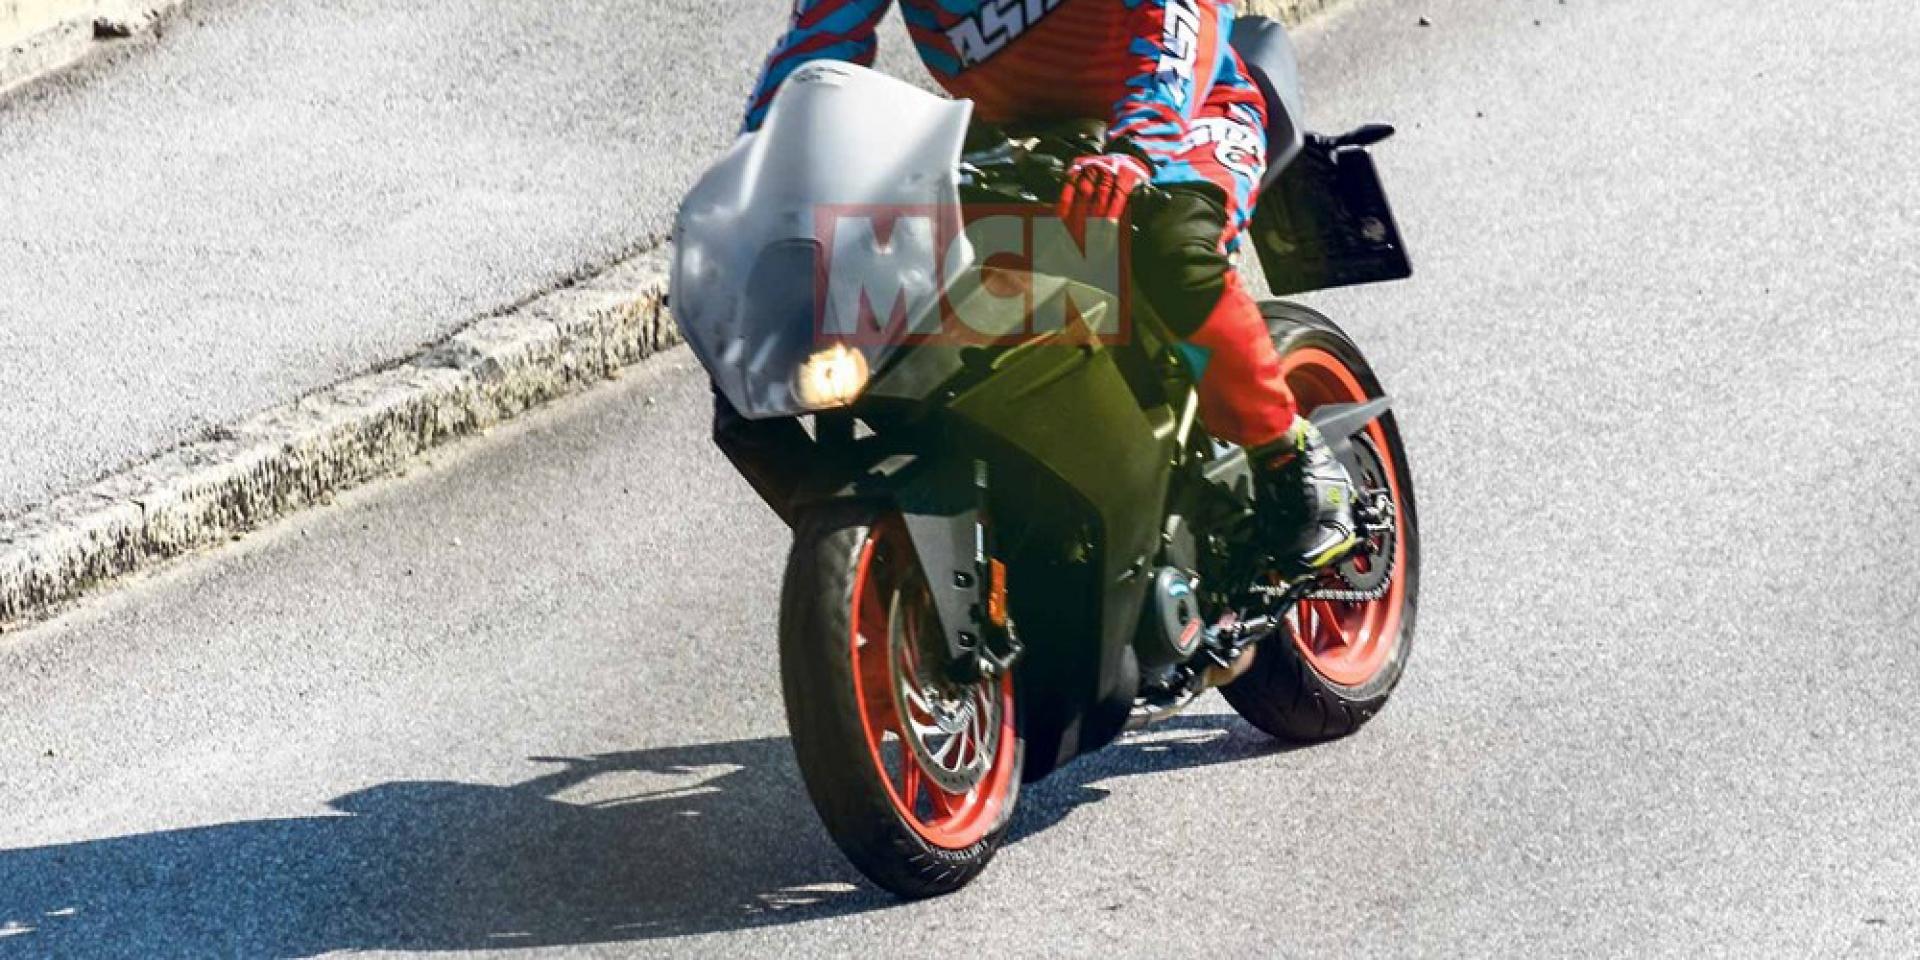 更加競技?新款KTM RC 390海外測試中